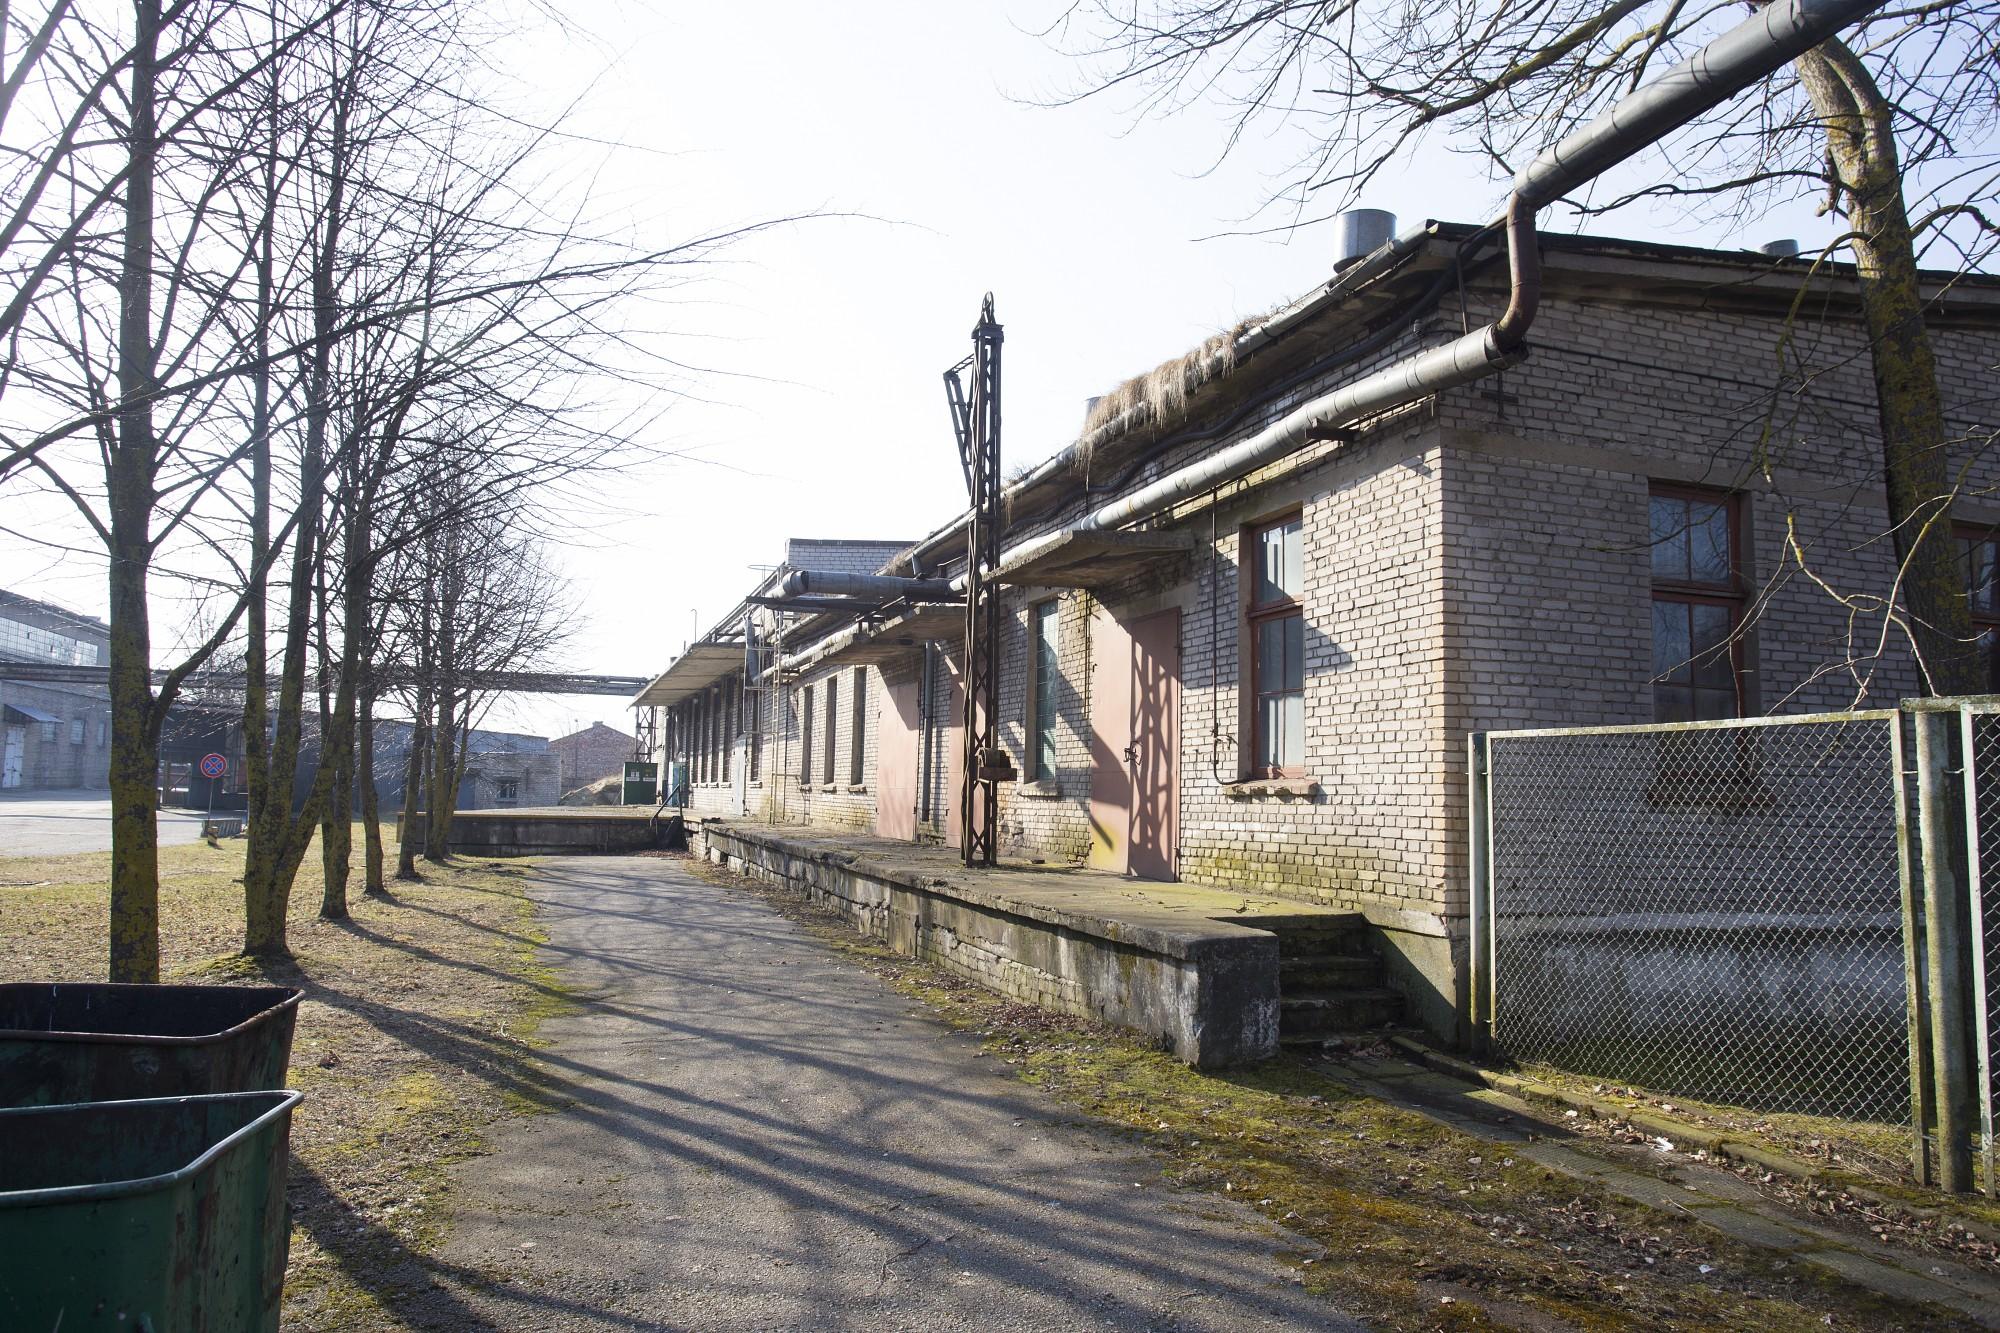 """Pašvaldība piedalīsies izsolē, lai tiktu pie """"KVV Liepājas metalurgs"""" zemesgabala viadukta izbūvei"""